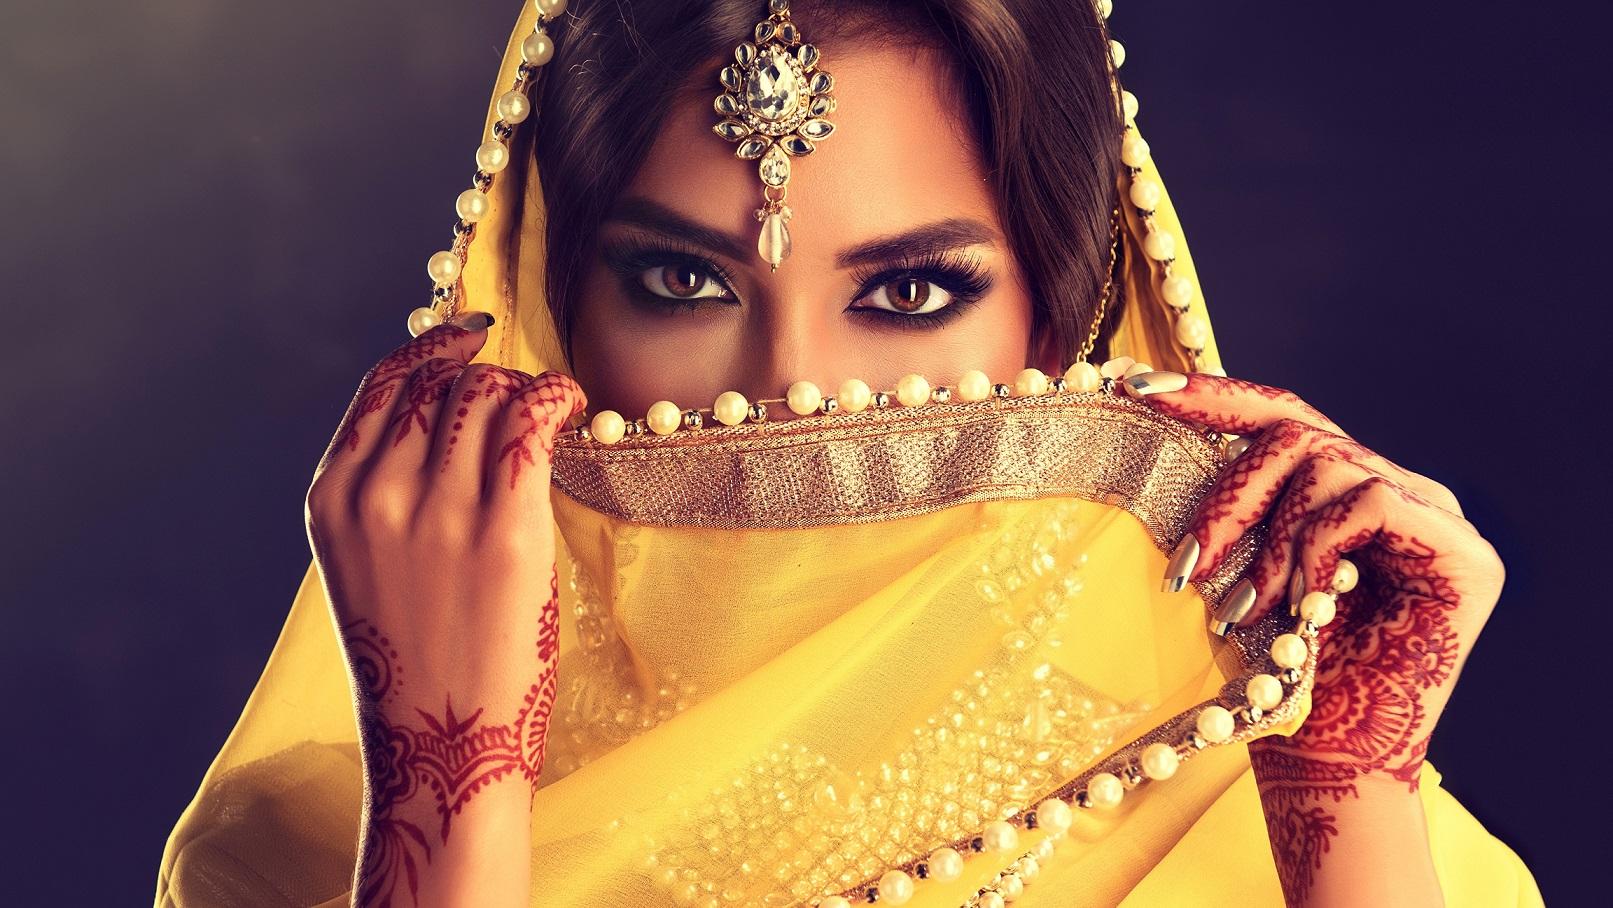 10 советов от индийских женщин, которые реально работают